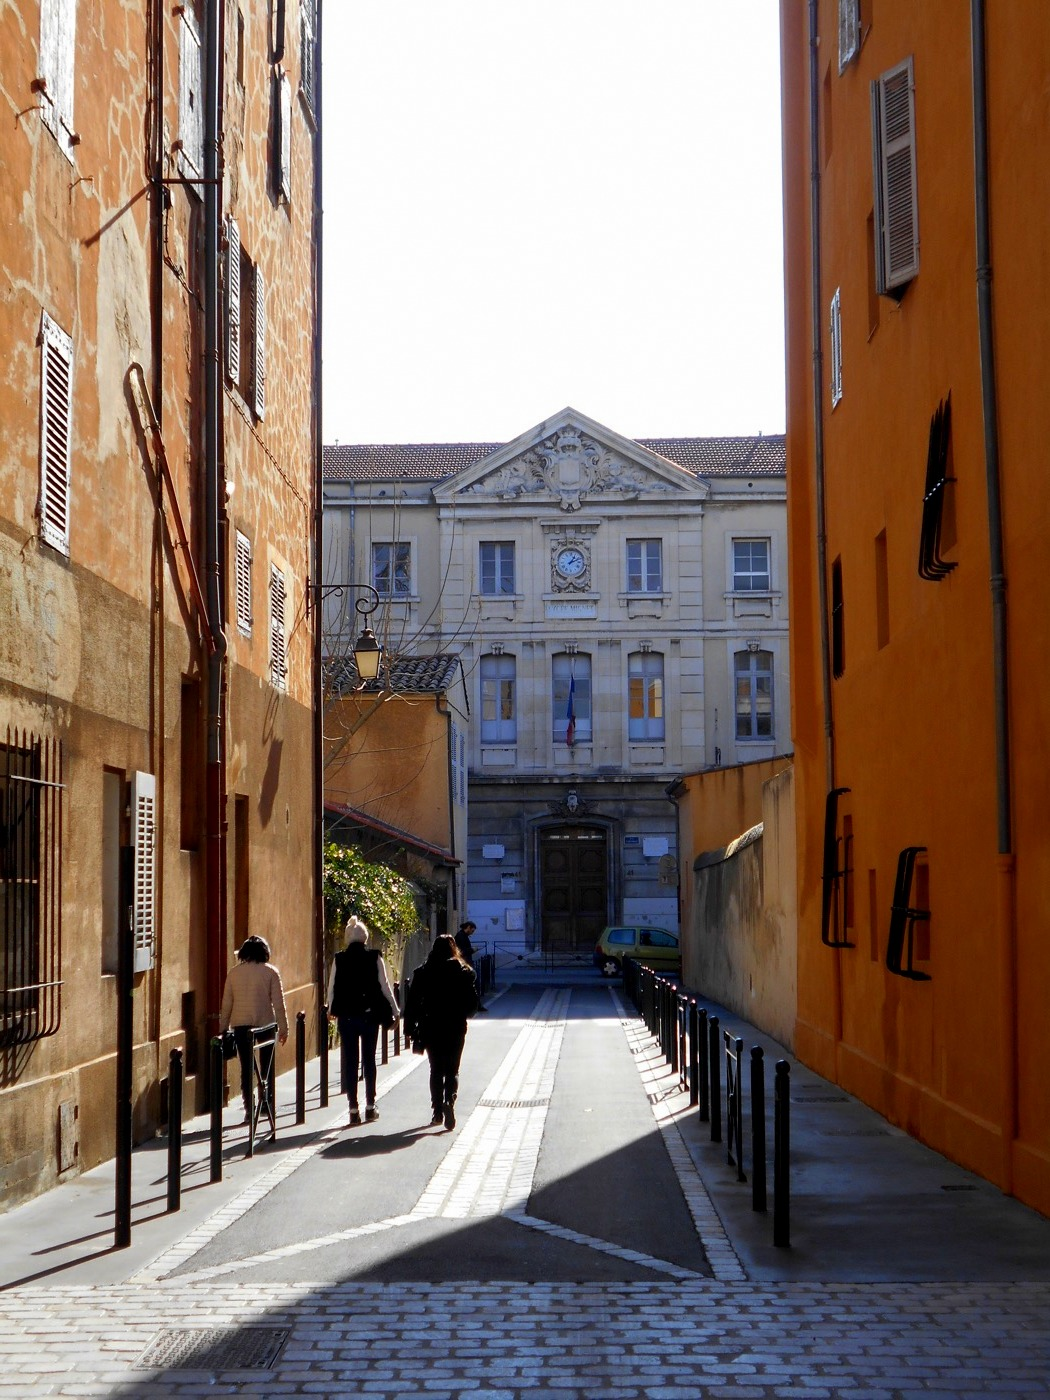 Rencontres Adultes À Rennes Wannonce Rencontre Adulte Vannes Rencontre Adulte Femme